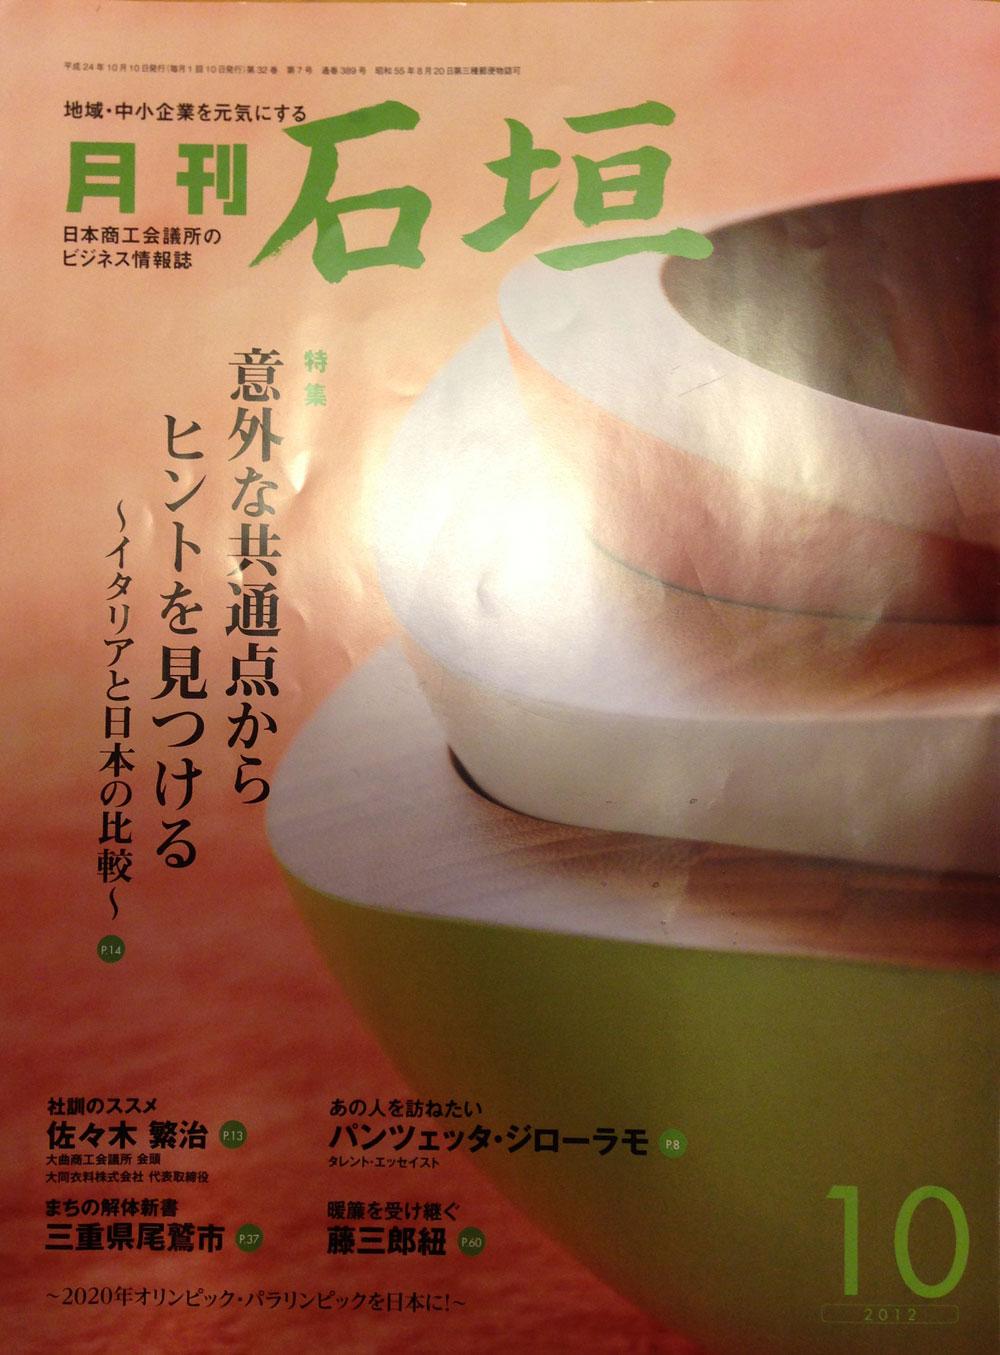 121204ishigaki.jpg